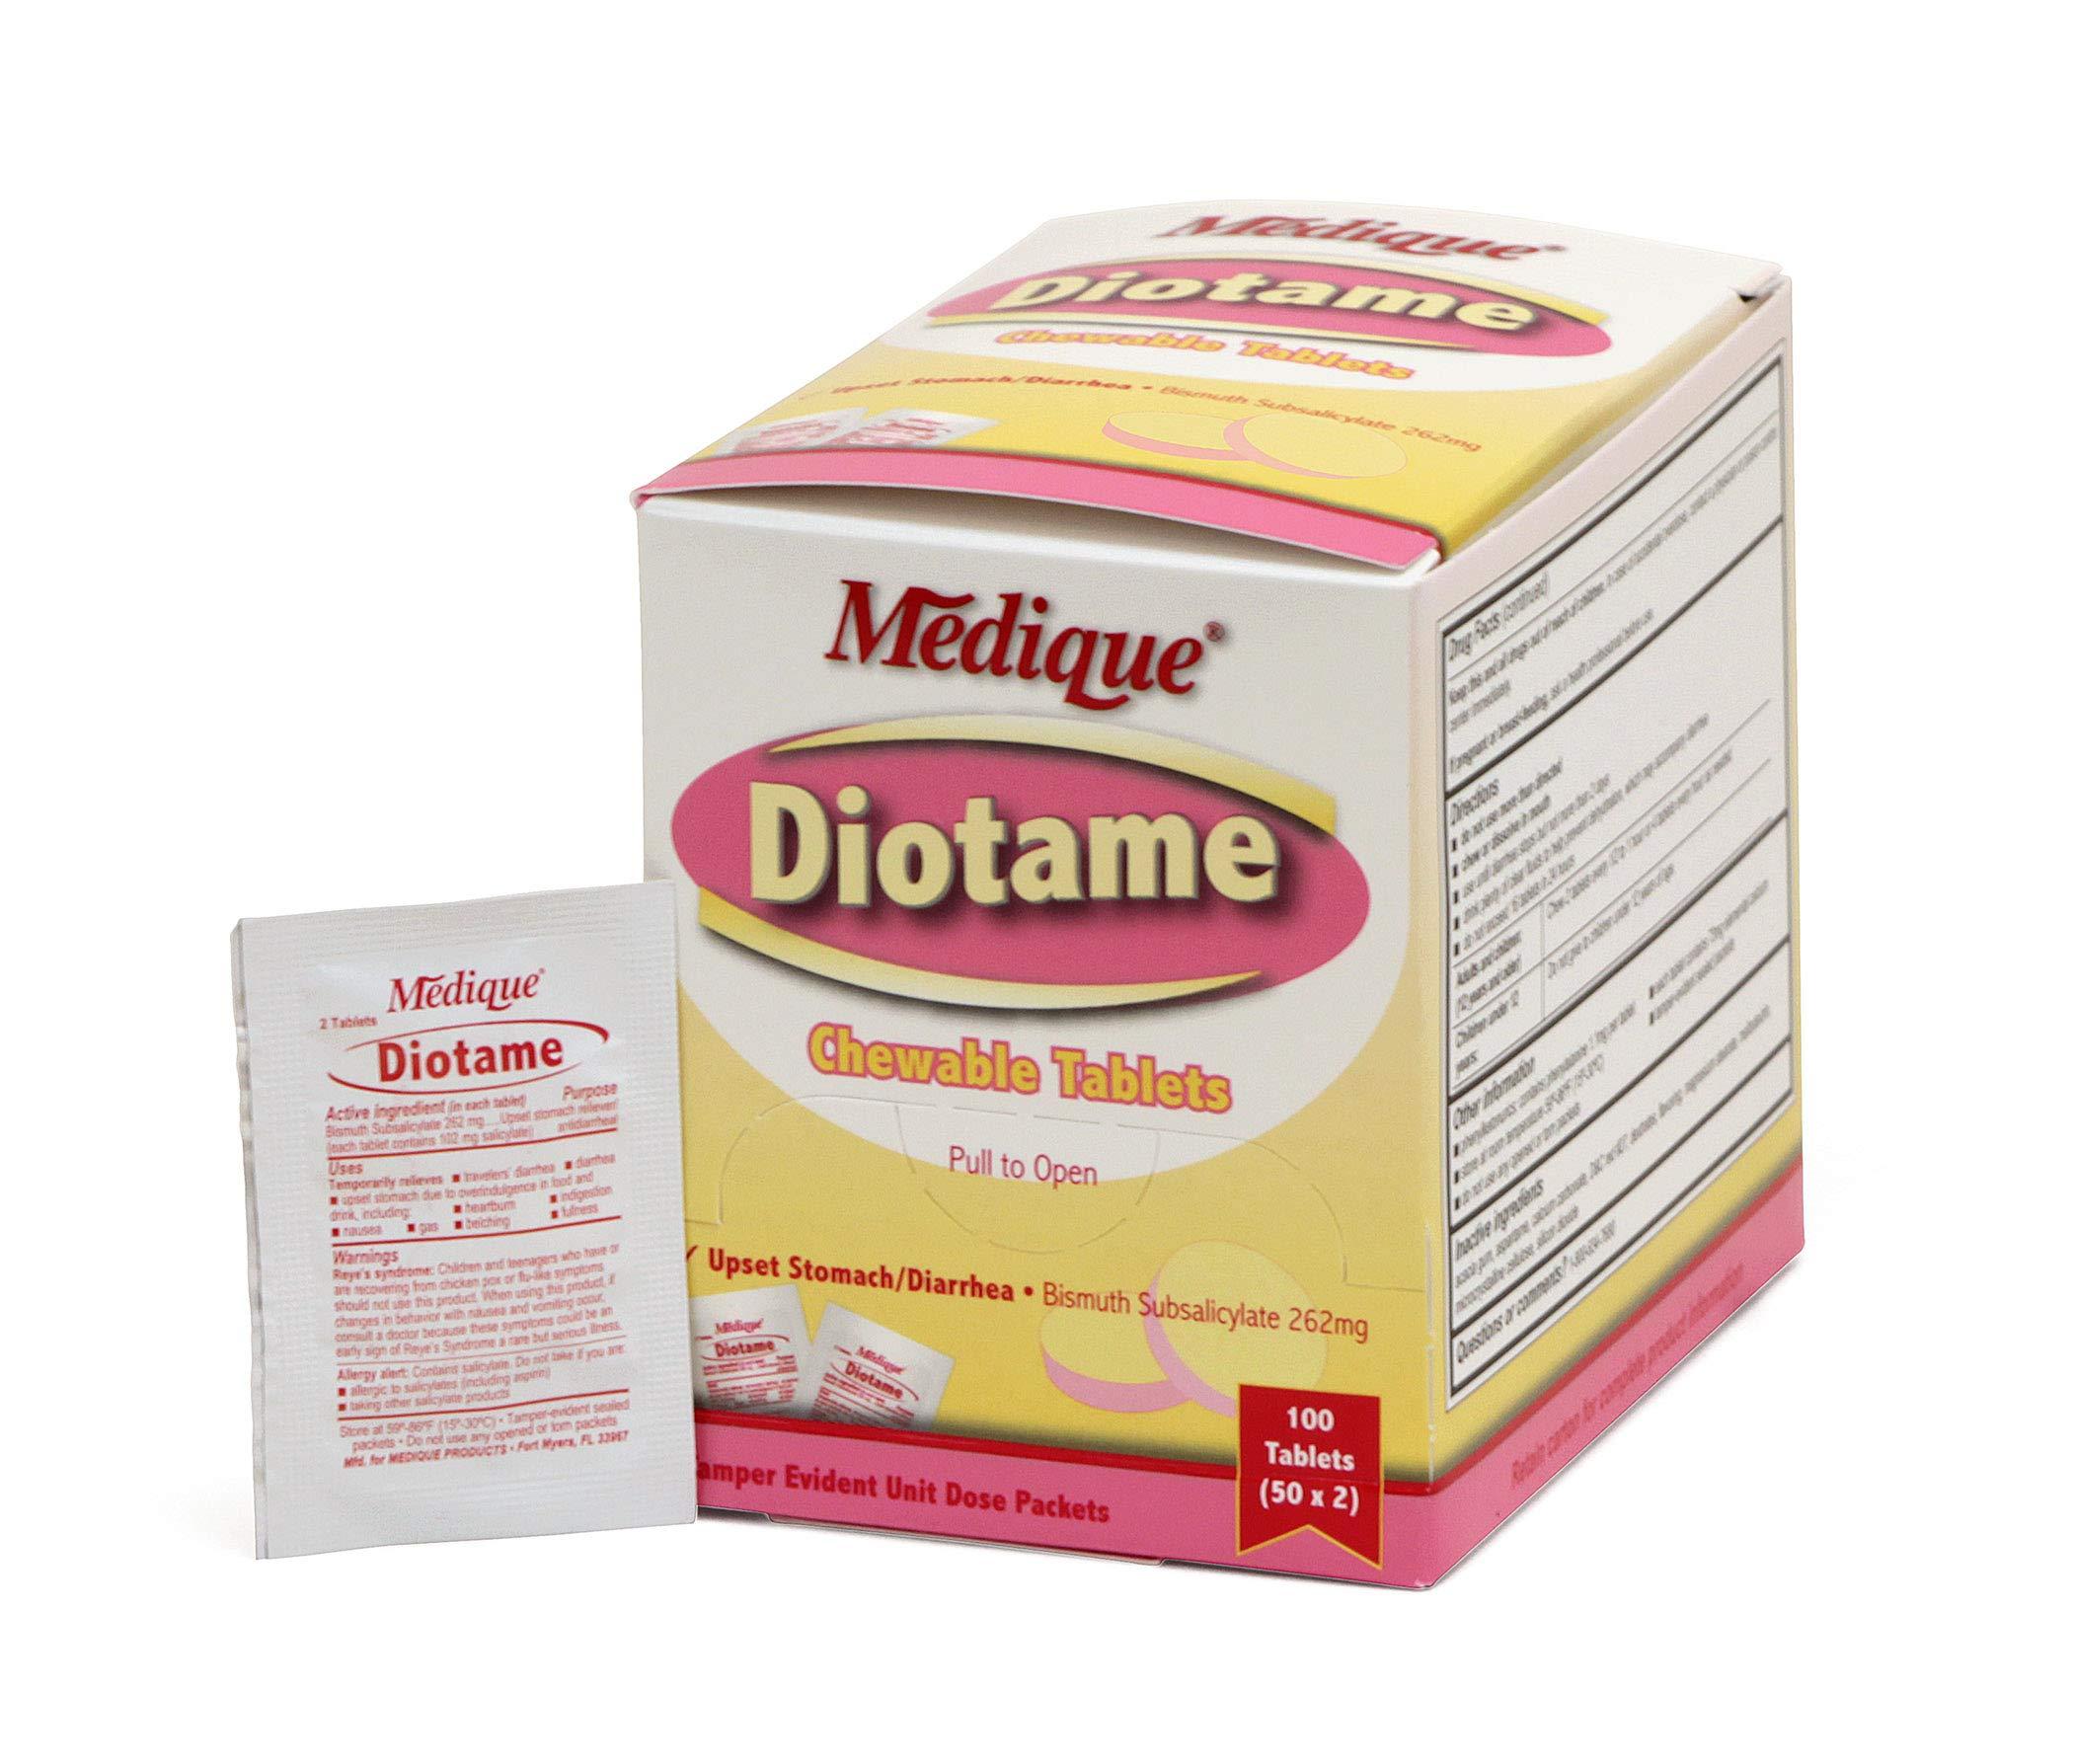 Medique 22033 Diotame Tablets, 100 Tablets